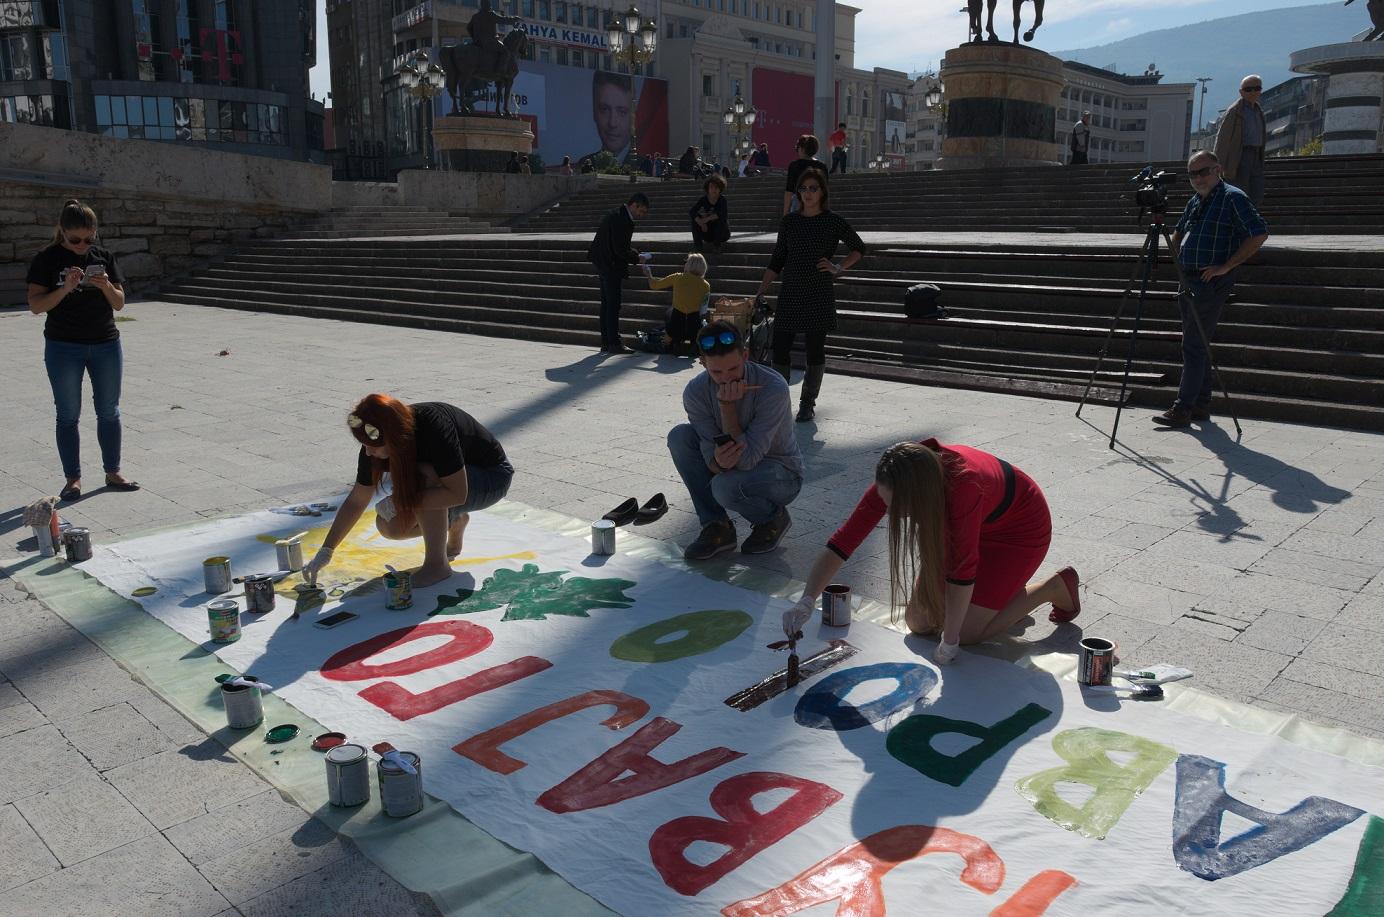 Aktivisten bei der Arbeit © Eko-svest